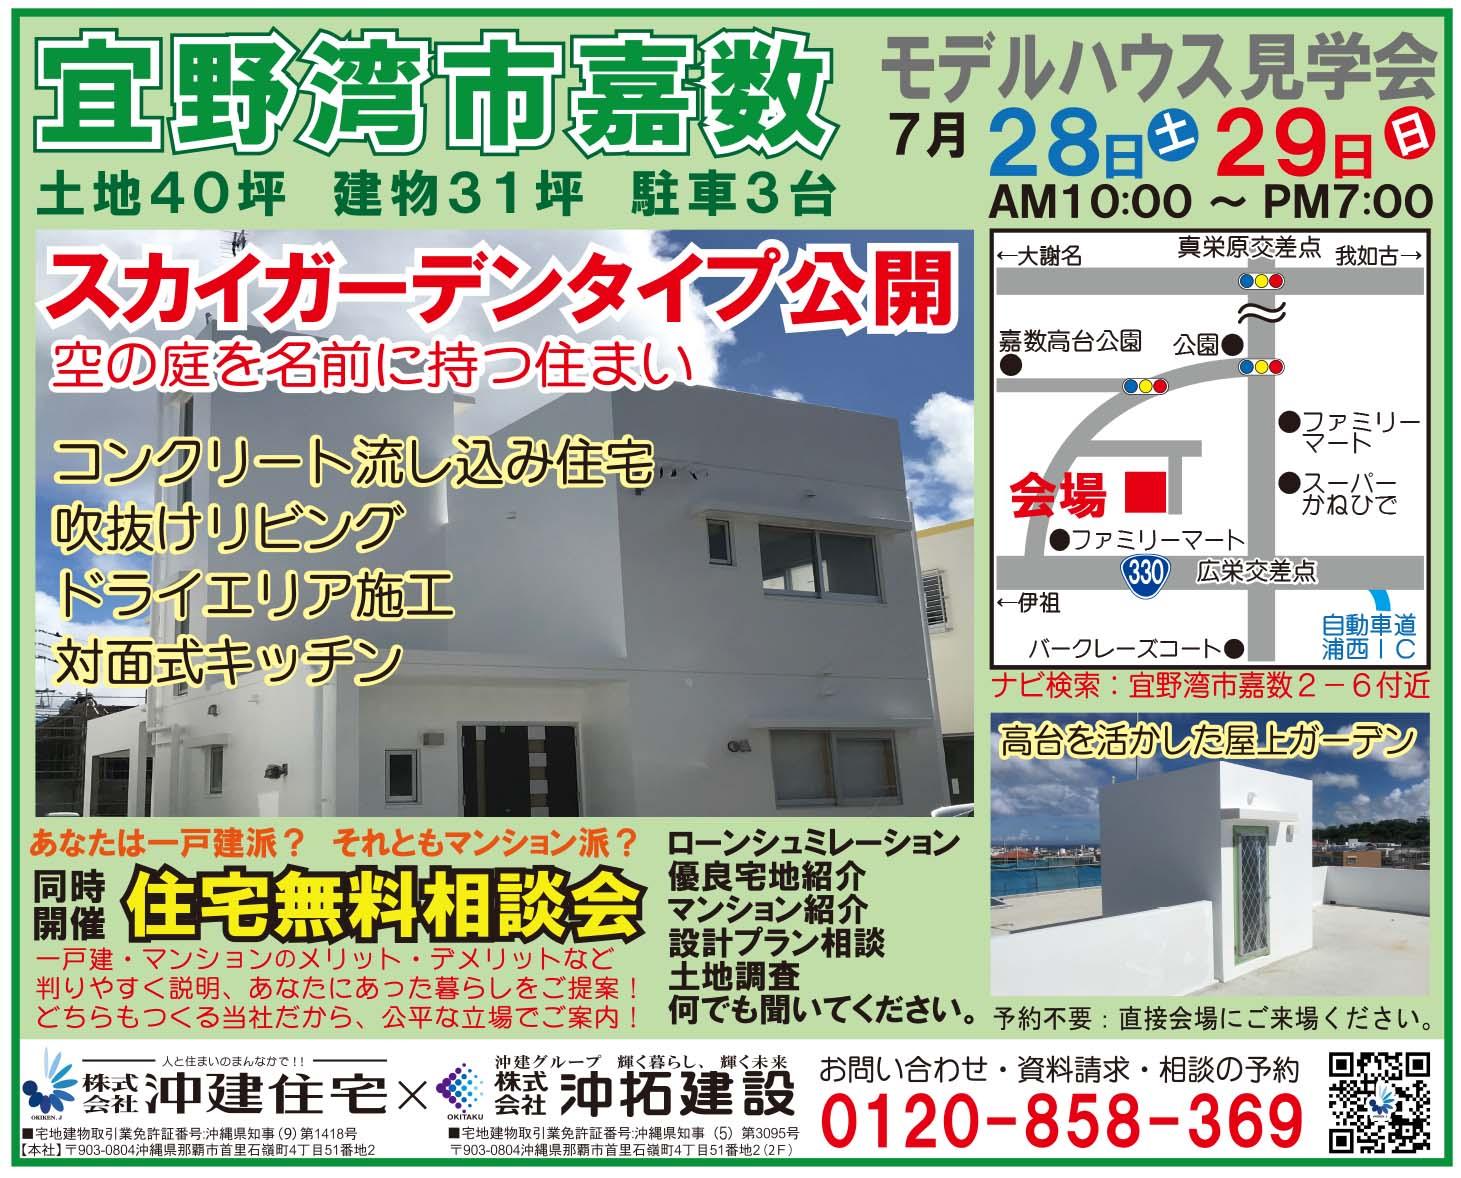 宜野湾市嘉数にて【吹き抜けのある家】オープンハウス&無料住宅相談会を開催!